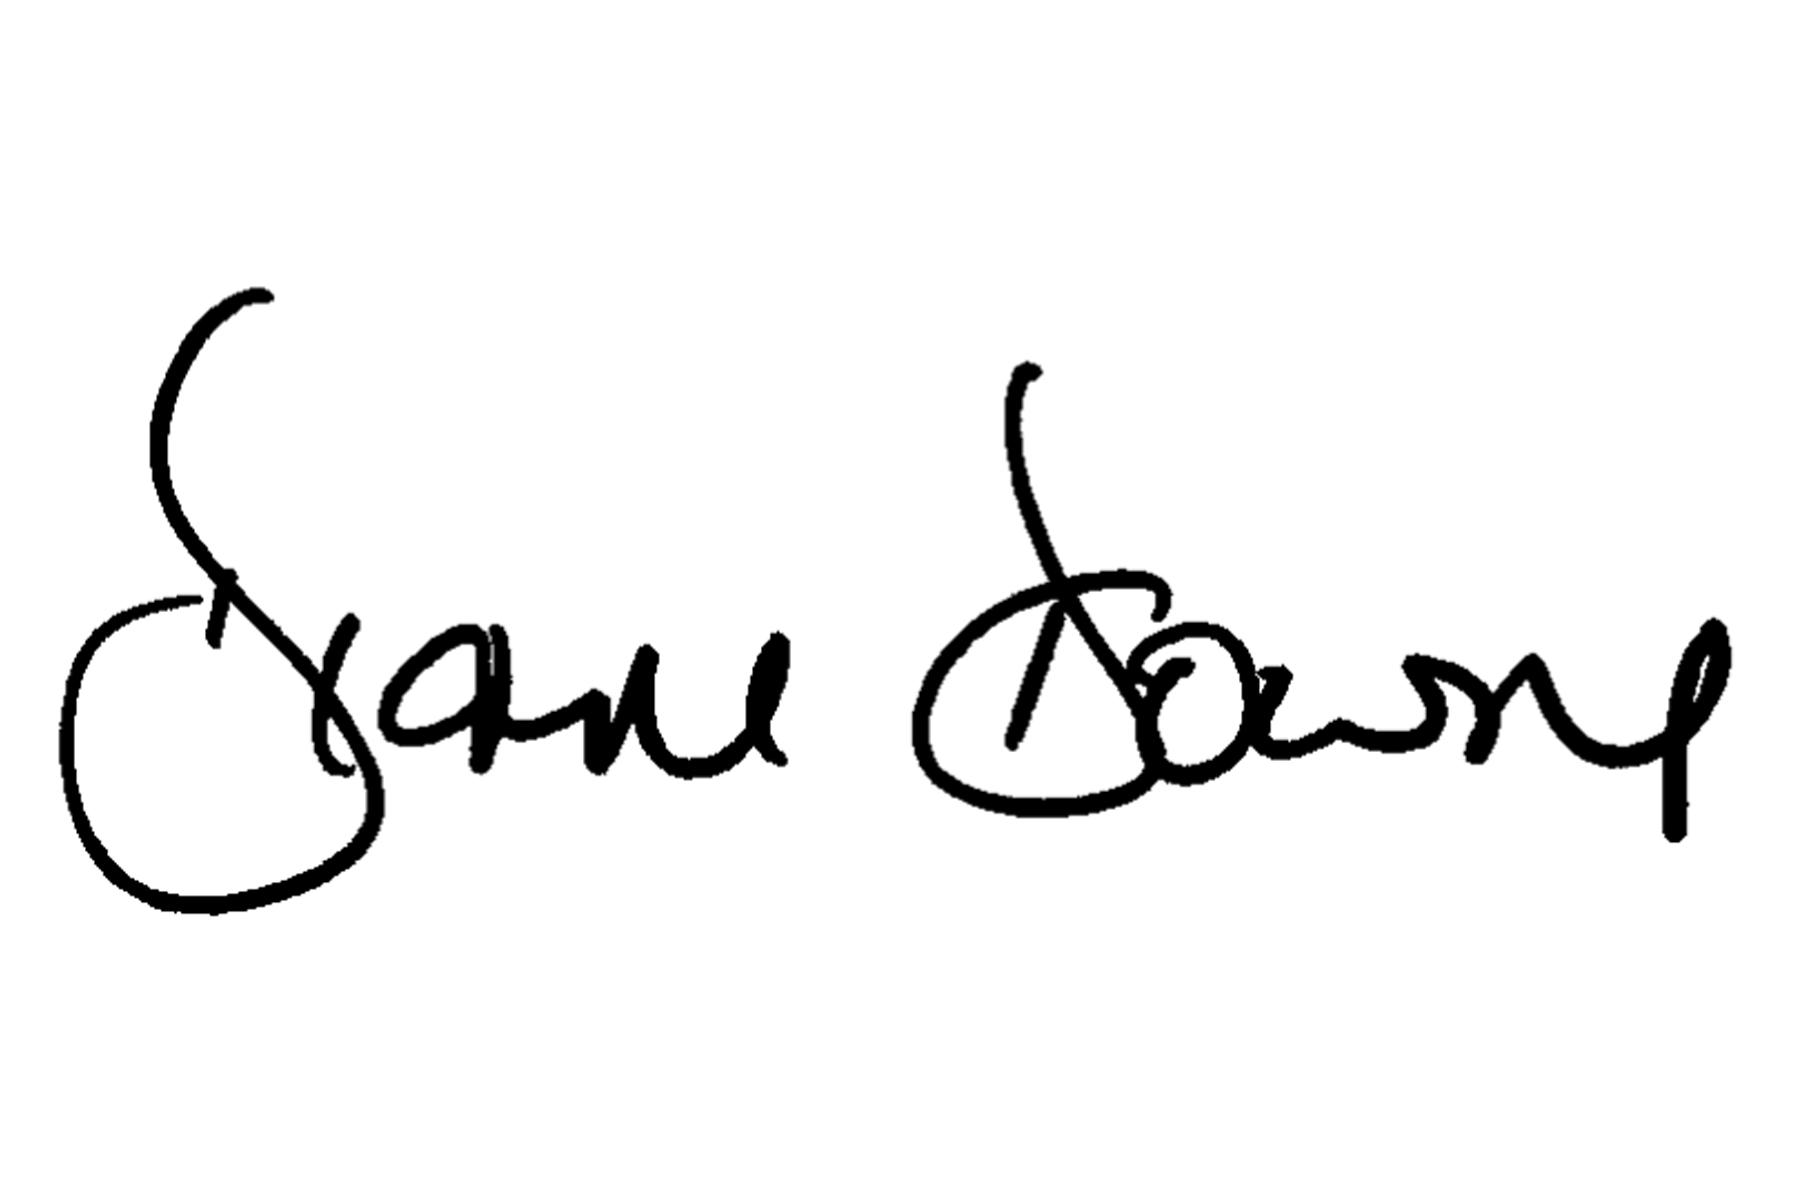 Diane Downs's Signature